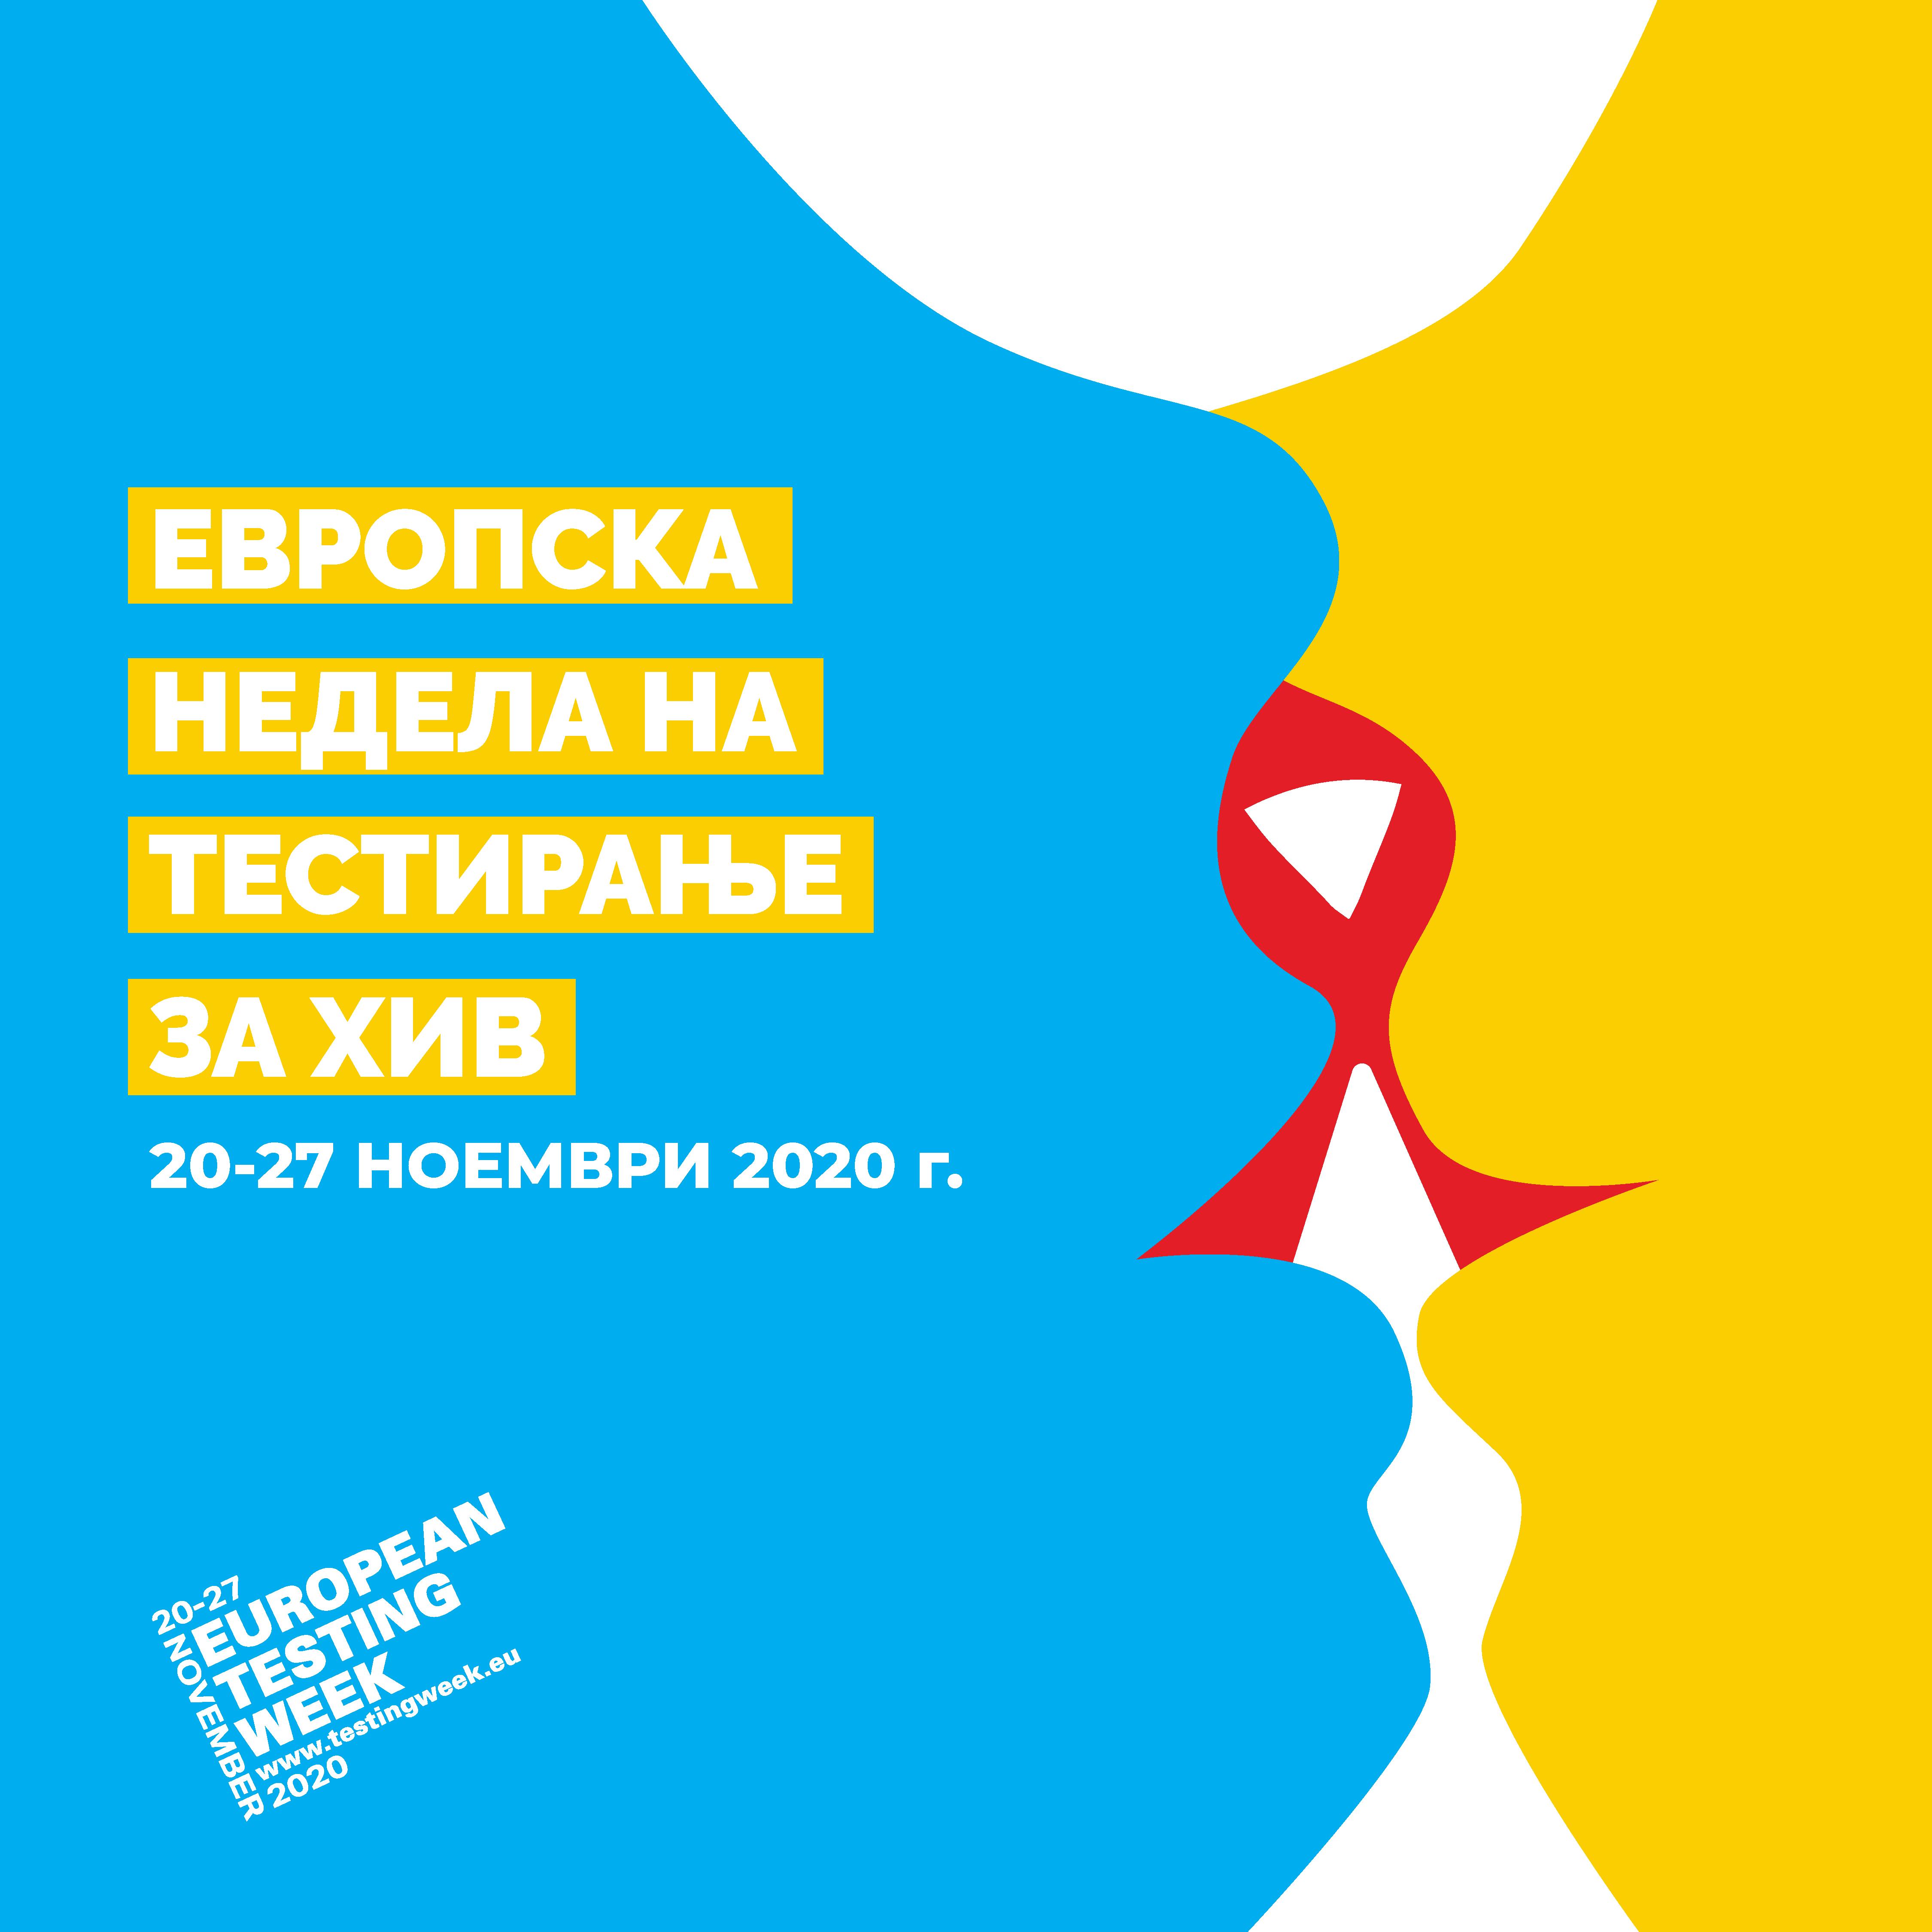 (Македонски) Европска недела на тестирање за ХИВ:  За ХИВ денес, важно е само навреме да се открие